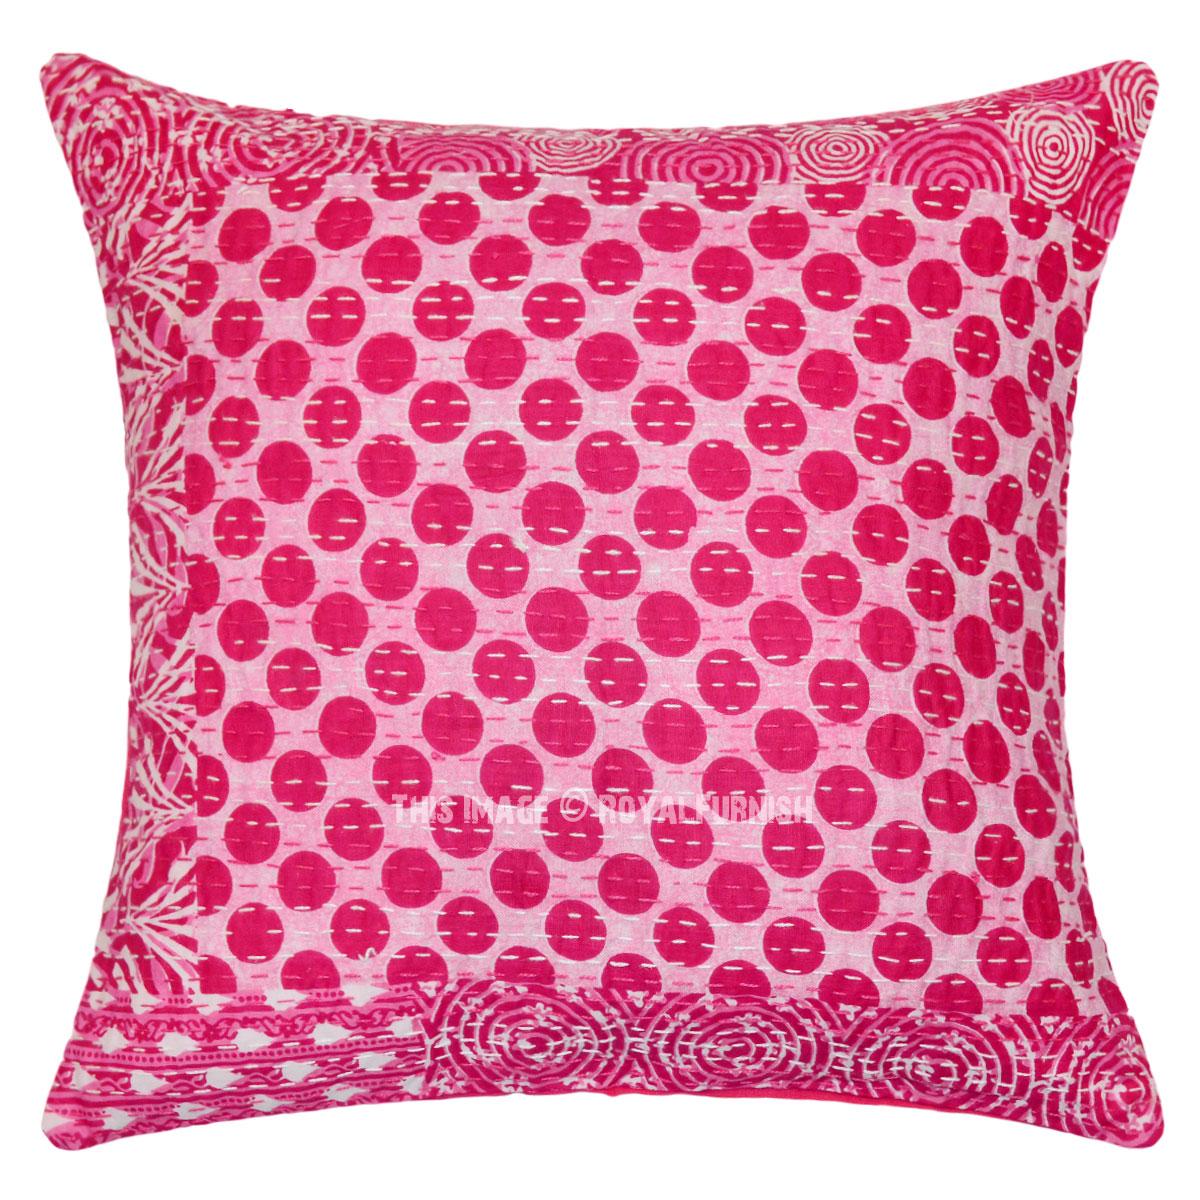 Pink Polka Dots Kantha Throw Pillow Cover Royalfurnish Com